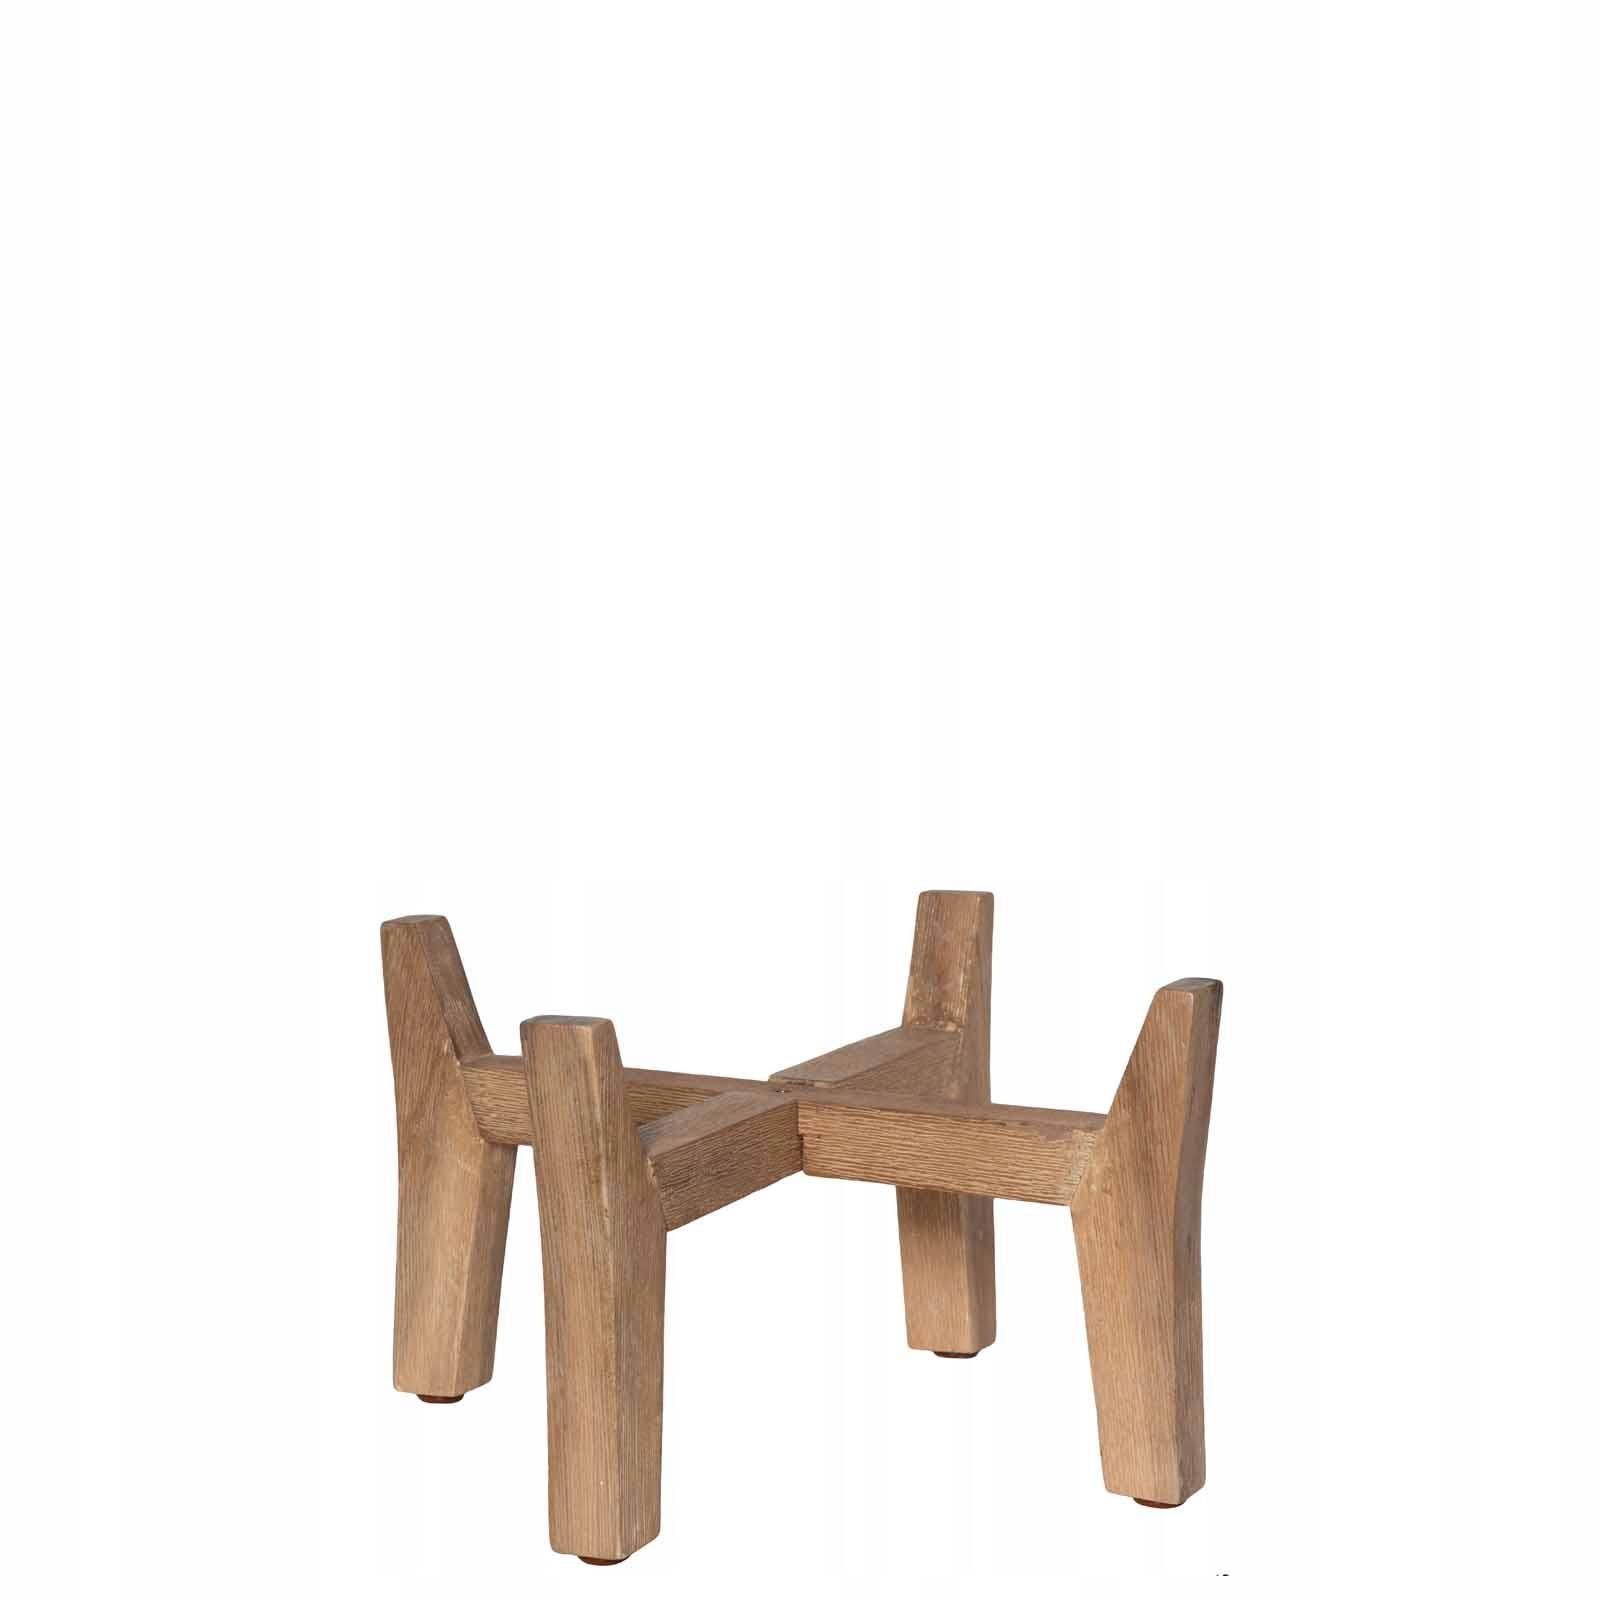 ножки для горшков из дерева FEET LOW M 36/19